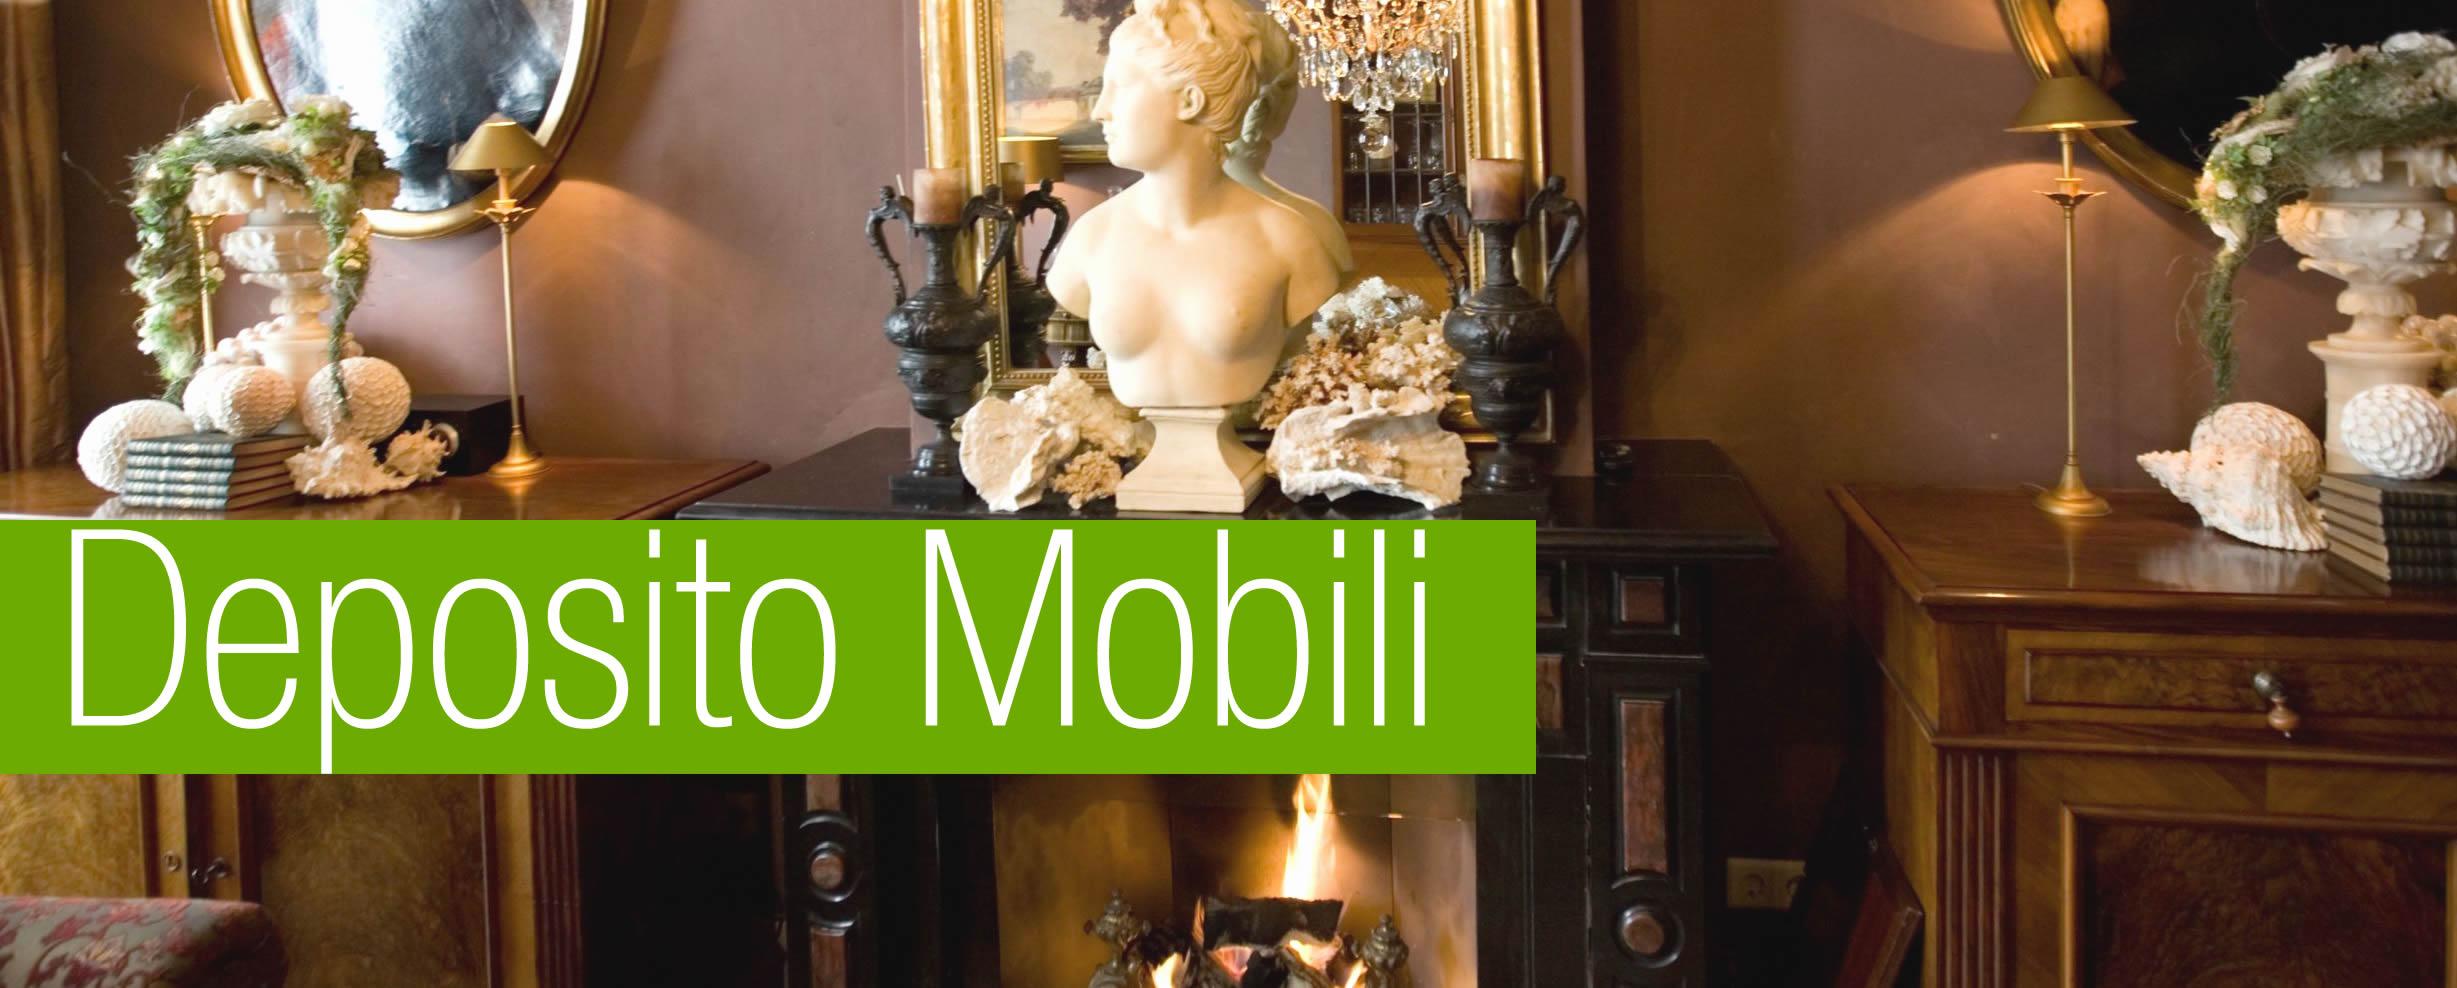 Primavalle - Imballaggi per Trasloco - Deposito Mobili a Primavalle